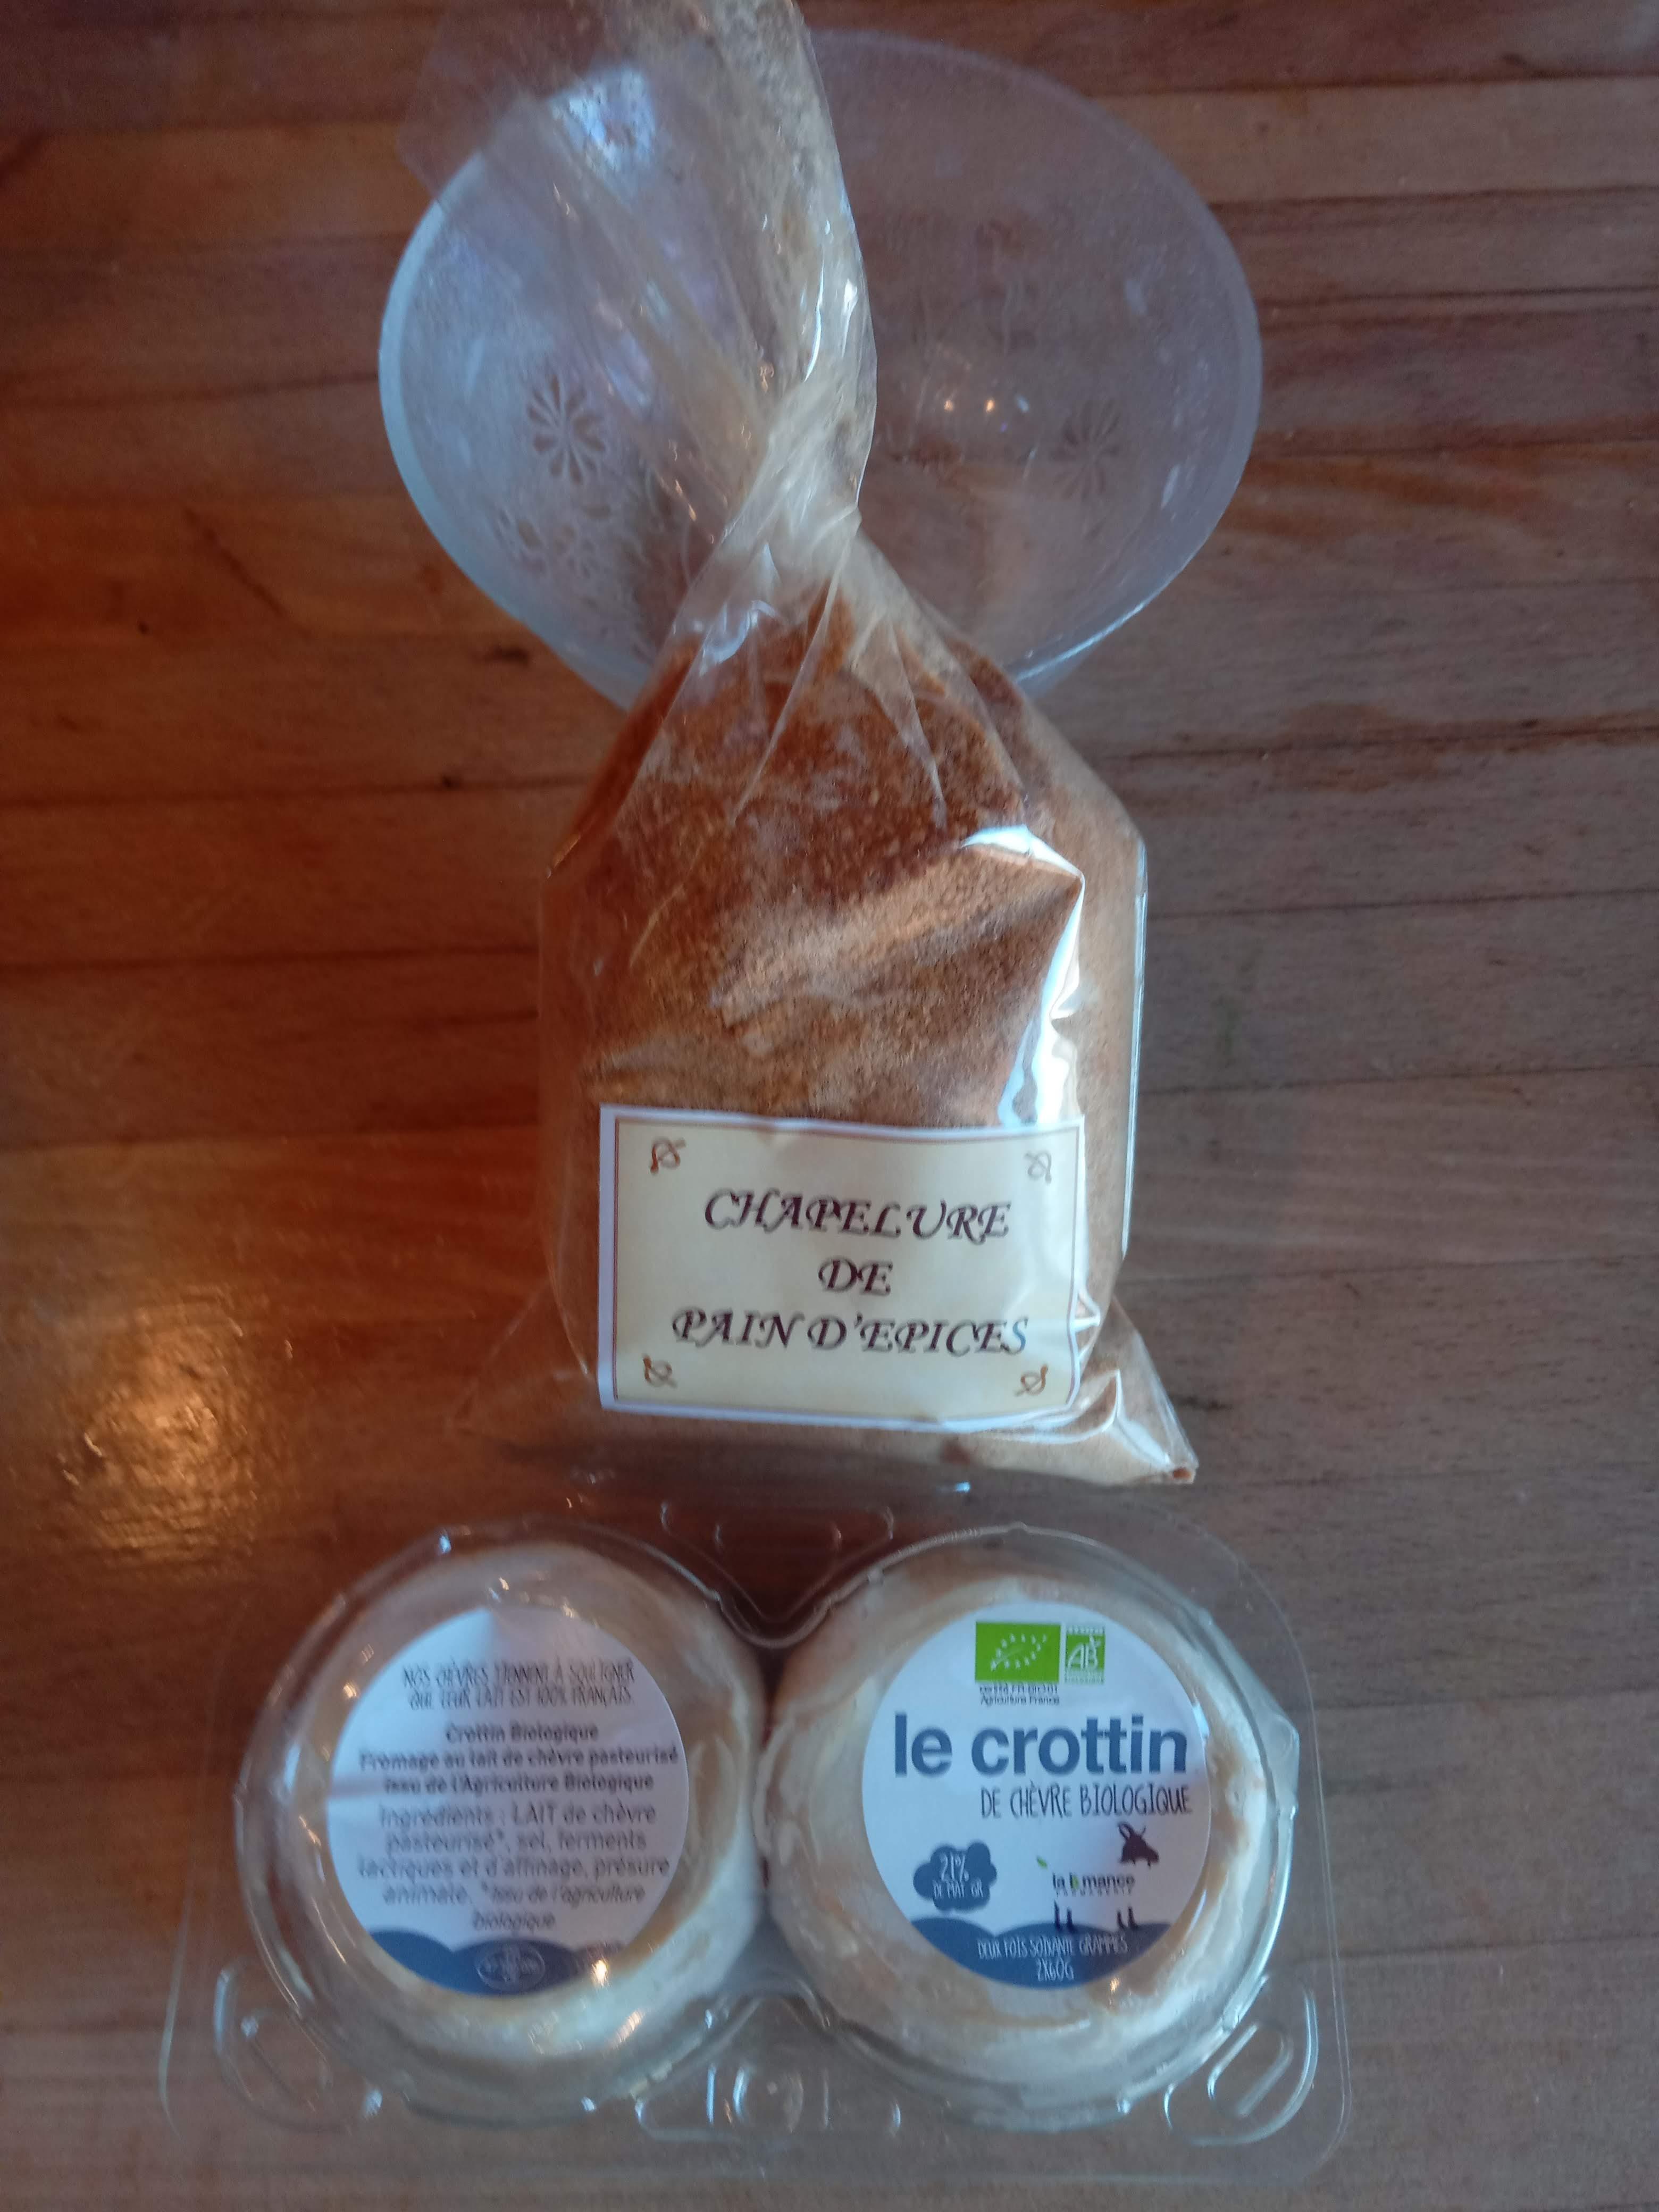 Crottins de chèvre à la chapelure de pain d'épices...